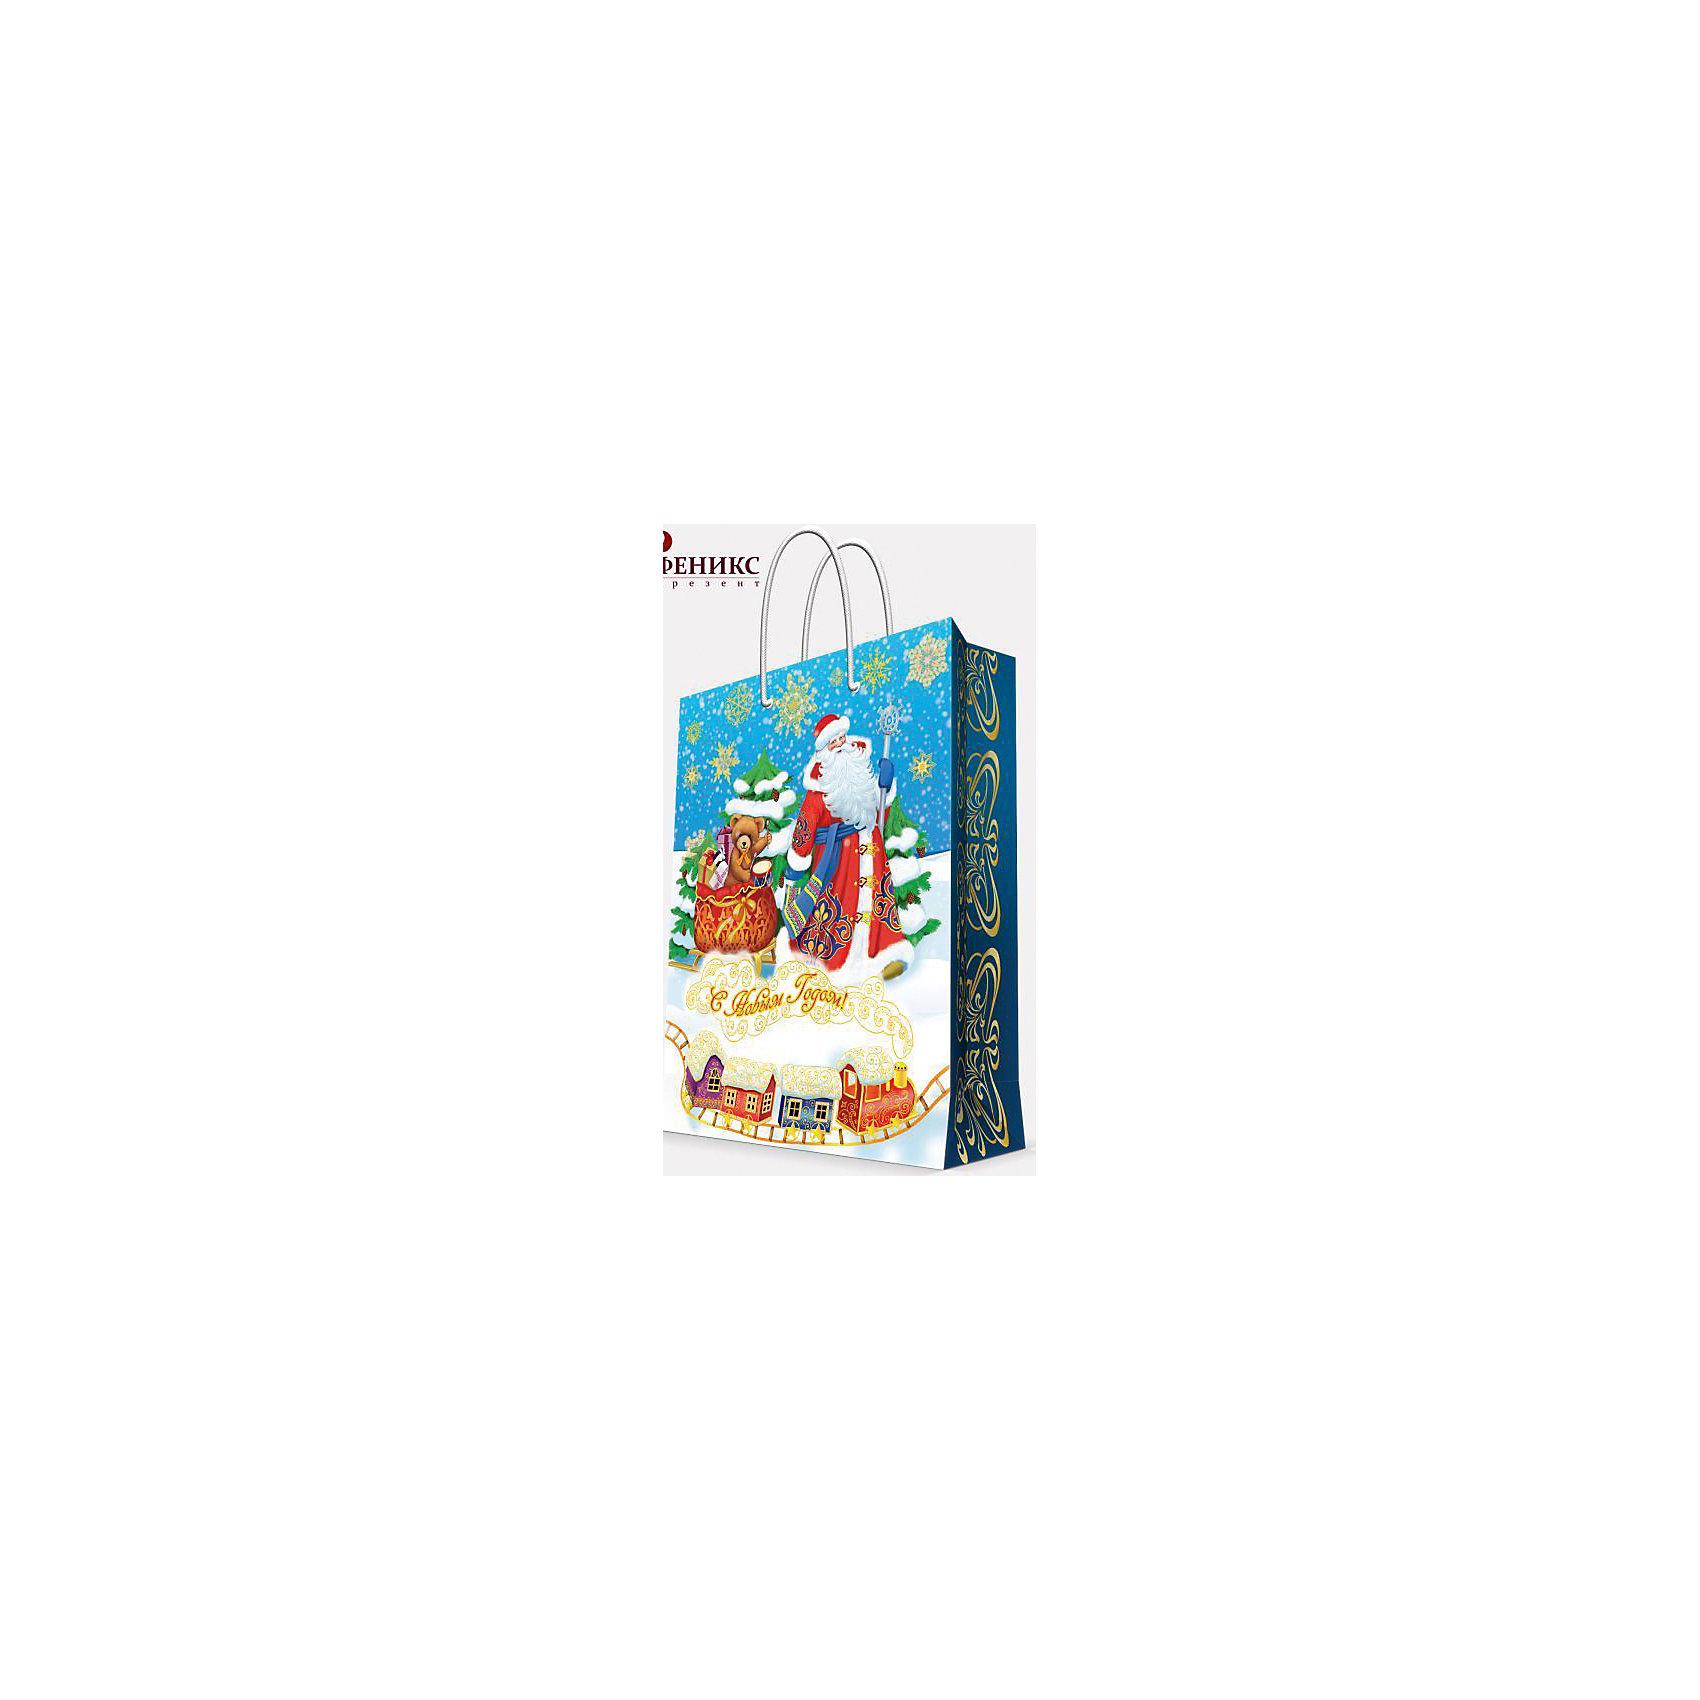 Подарочный пакет Дед Мороз и медвежонок 17,8*22,9*9,8 смПриближение Нового года не может не радовать! Праздничное настроение создает украшенный дом, наряженная ёлка, запах мандаринов, предновогодняя суета и, конечно же, подарки! Чтобы сделать момент вручения приятнее, нужен красивый подарочный пакет.<br>Этот пакет украшен симпатичным универсальным рисунком, поэтому в него можно упаковать подарок и родственнику, и коллеге. Он сделан из безопасного для детей, прочного, но легкого, материала. Создайте с ним праздничное настроение себе и близким!<br><br>Дополнительная информация:<br><br>плотность бумаги: 140 г/м2;<br>размер: 18 х 23 х 10 см;<br>с ламинацией;<br>украшен рисунком.<br><br>Подарочный пакет Дед Мороз и медвежонок 17,8*22,9*9,8 см можно купить в нашем магазине.<br><br>Ширина мм: 178<br>Глубина мм: 229<br>Высота мм: 98<br>Вес г: 42<br>Возраст от месяцев: 36<br>Возраст до месяцев: 2147483647<br>Пол: Унисекс<br>Возраст: Детский<br>SKU: 4981570